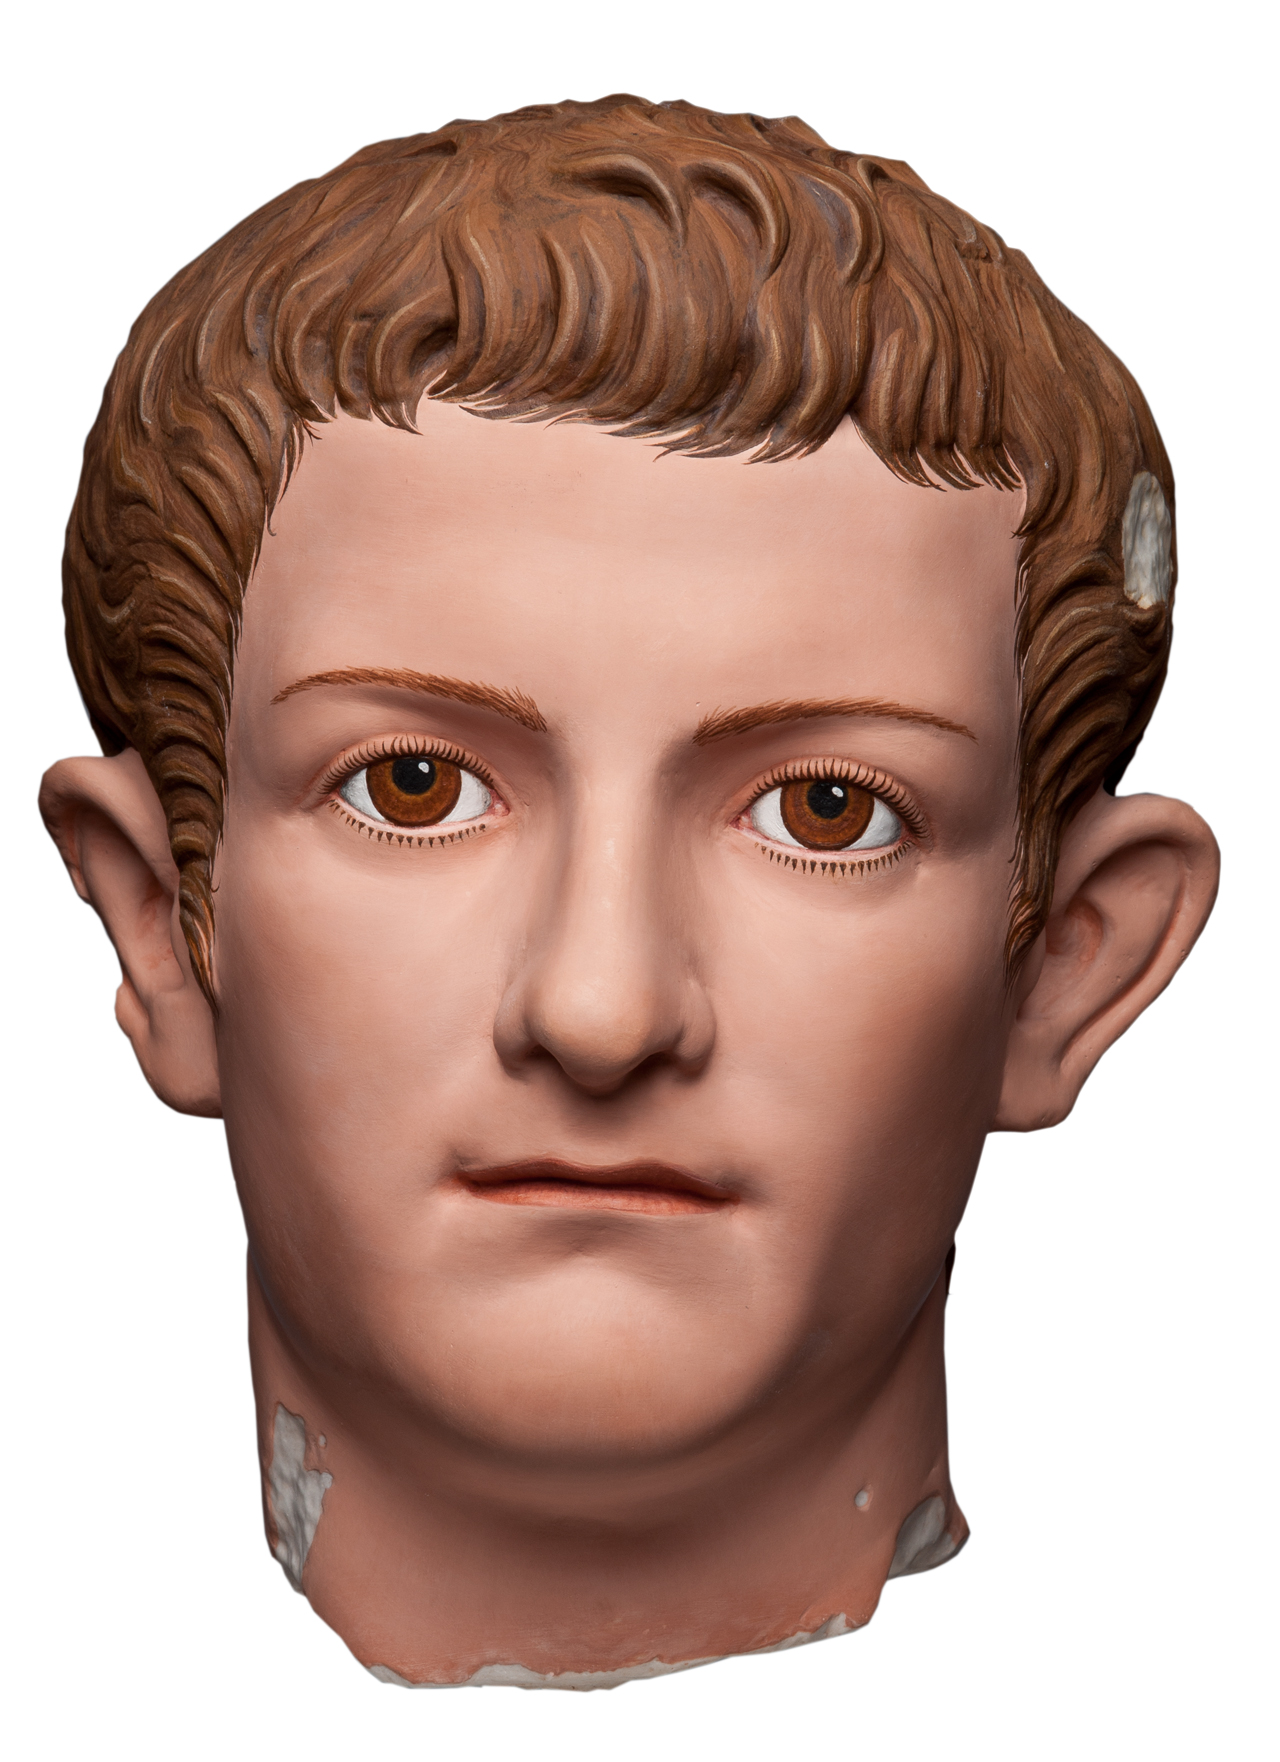 Caligula (reconstruction), 37-41 CE (2011), marble. h: 28 cm, Archäologischen Institut der Universität Göttingen and Stiftung Archäologie, Munich